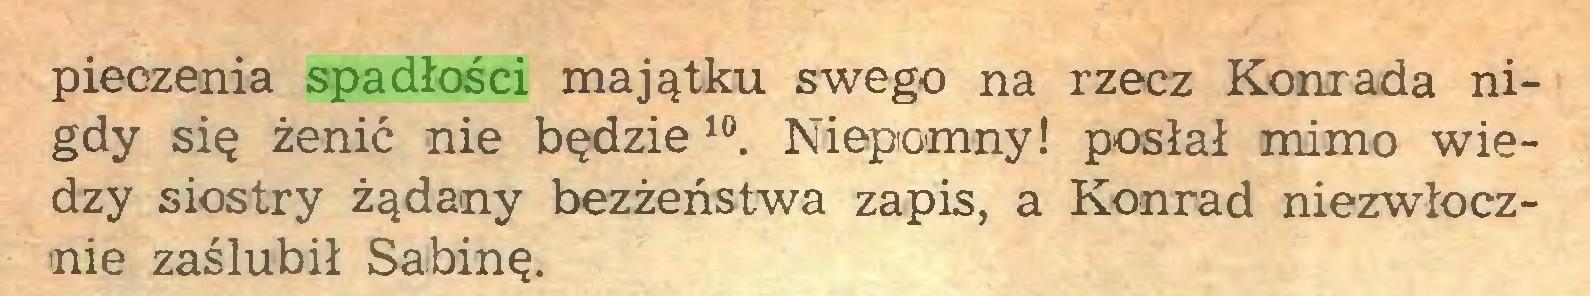 (...) pieczenia spadłości majątku swego na rzecz Konrada nigdy się żenić nie będzie 10 11. Niepomny! posłał mimo wiedzy siostry żądany bezżeństwa zapis, a Konrad niezwłocznie zaślubił Sabinę...